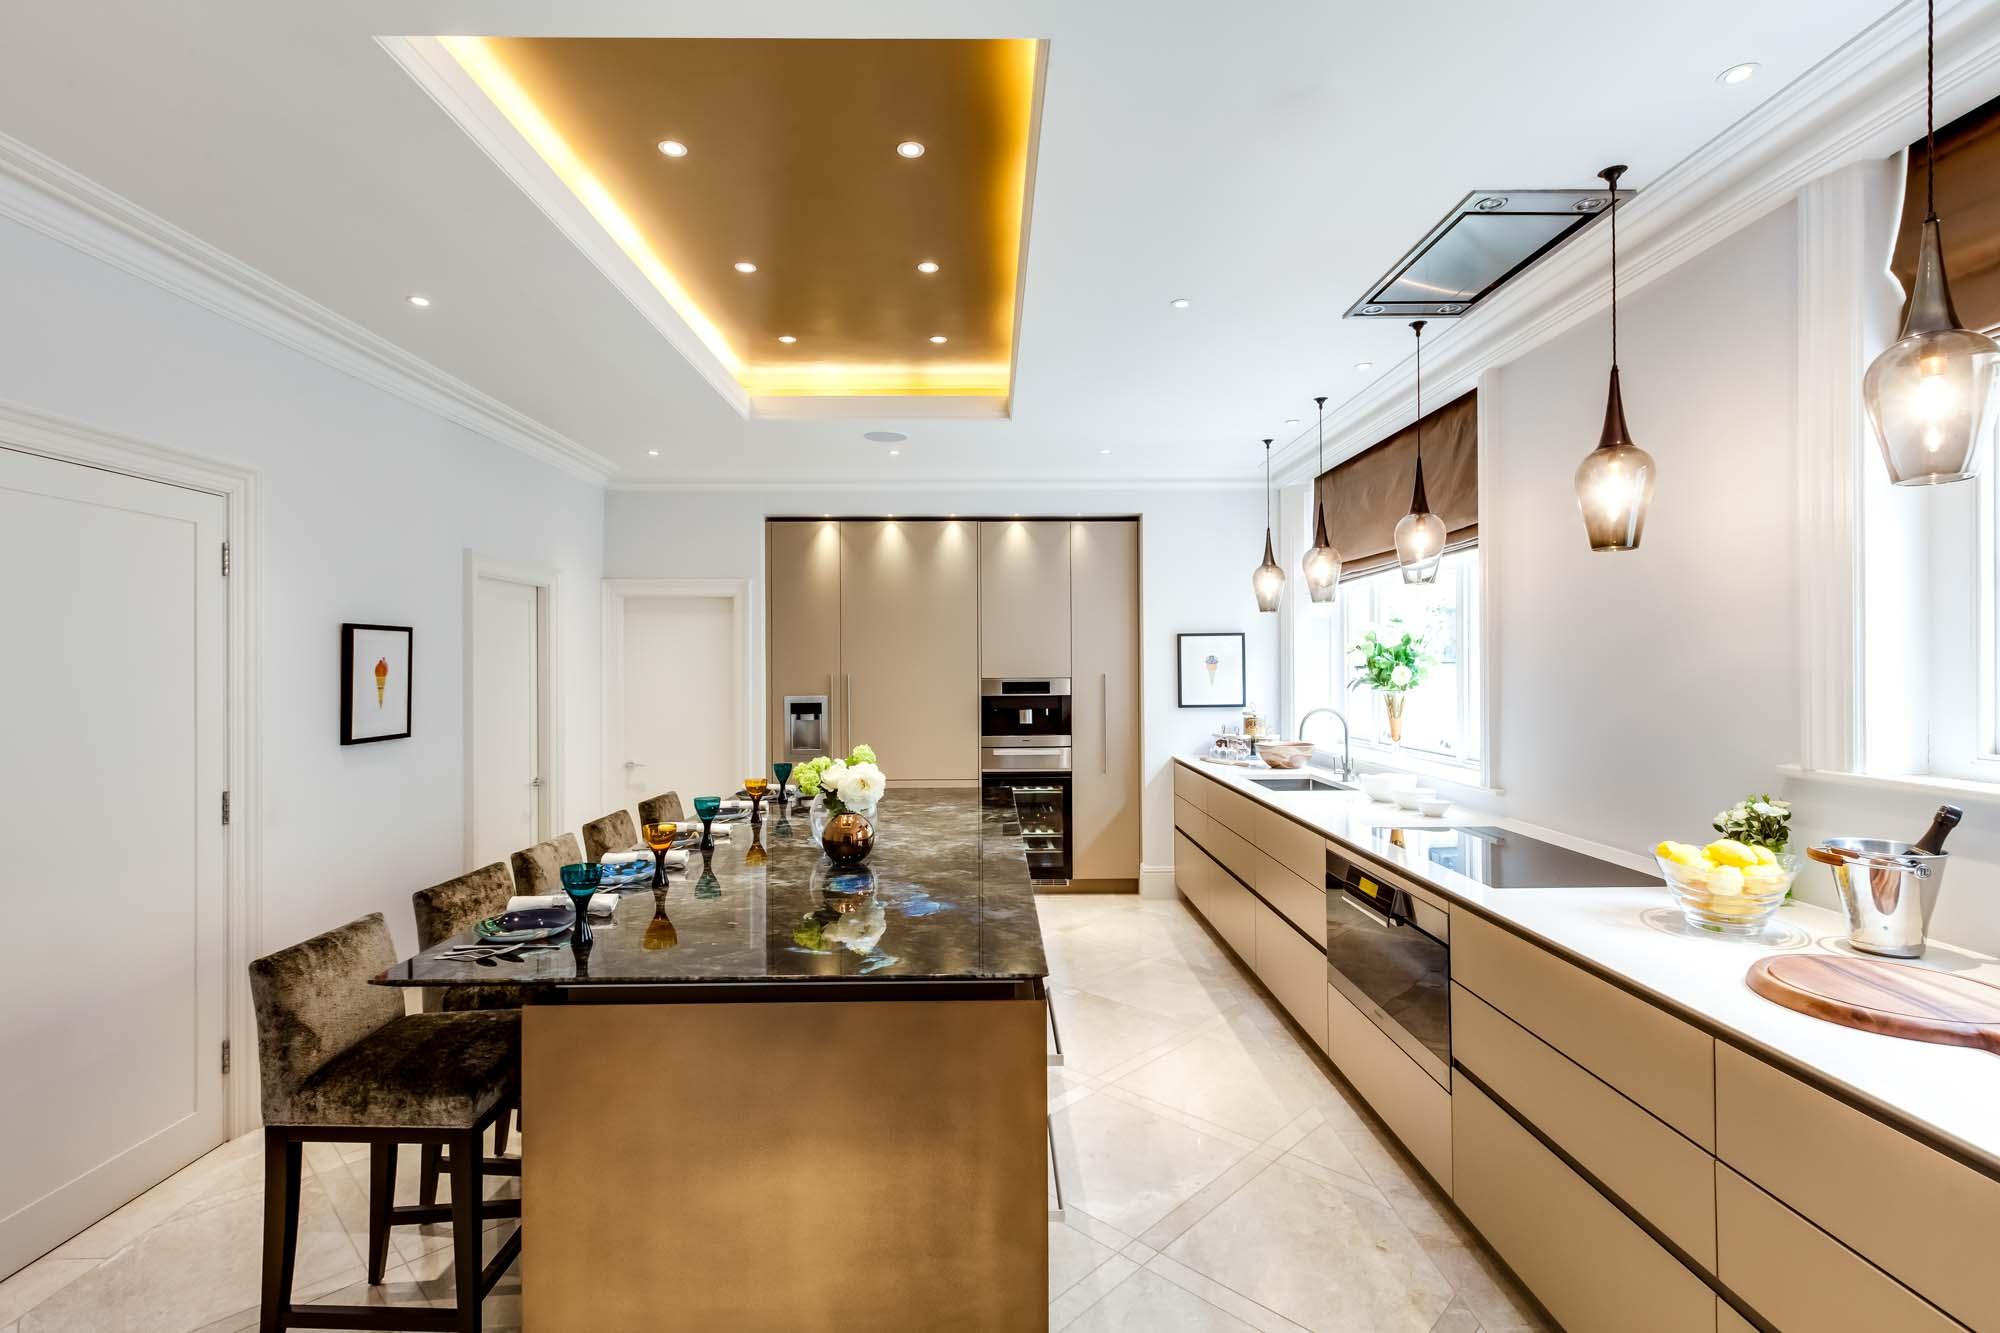 jonathan bond interior photographer, luxury kitchen, hyde park, london